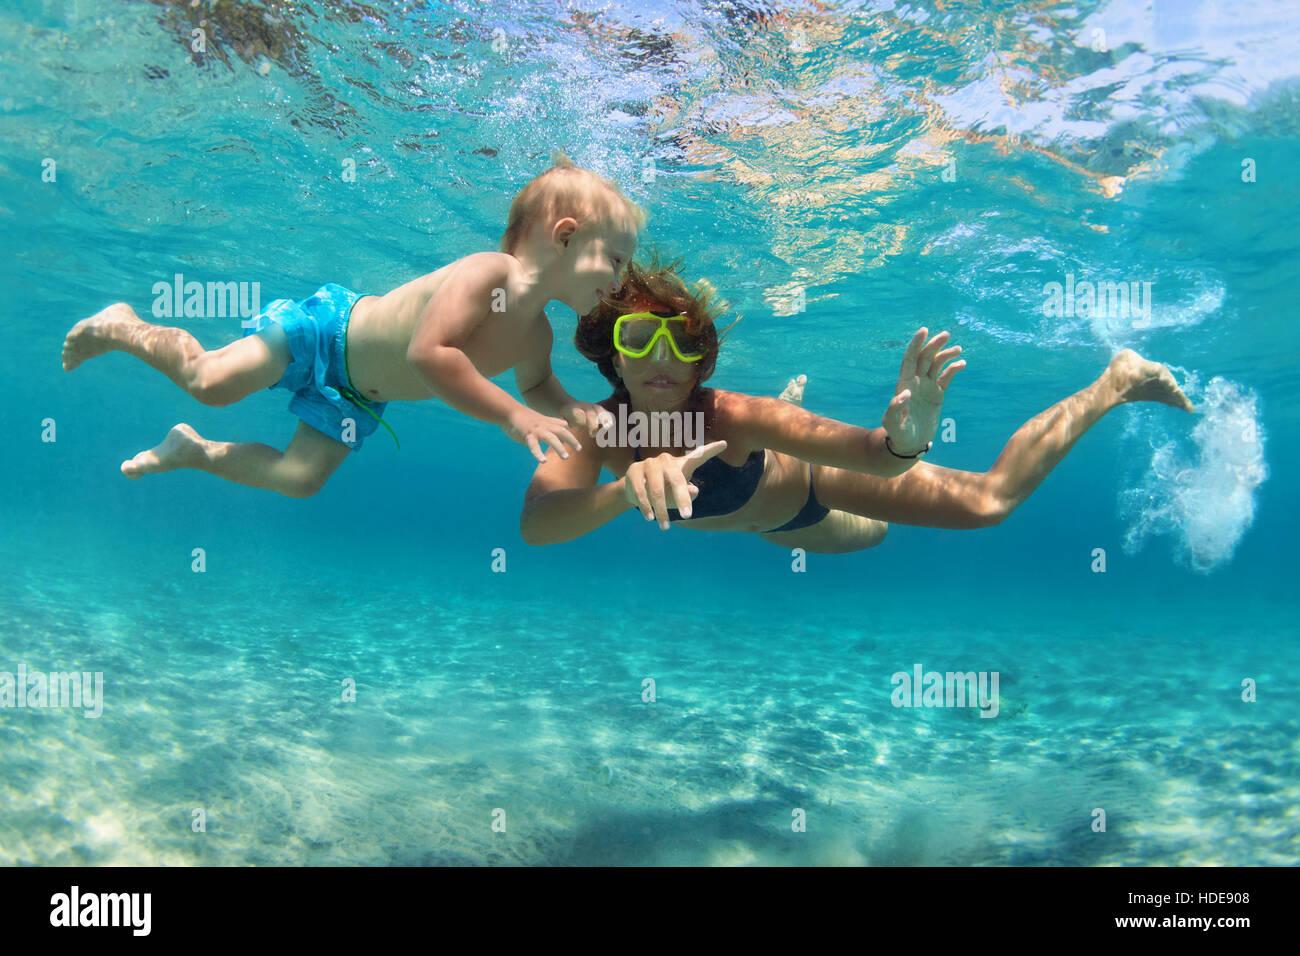 La famiglia felice. Madre con bambino figlio subacquea immersioni in mare piscina. Uno stile di vita sano e attivo, Immagini Stock